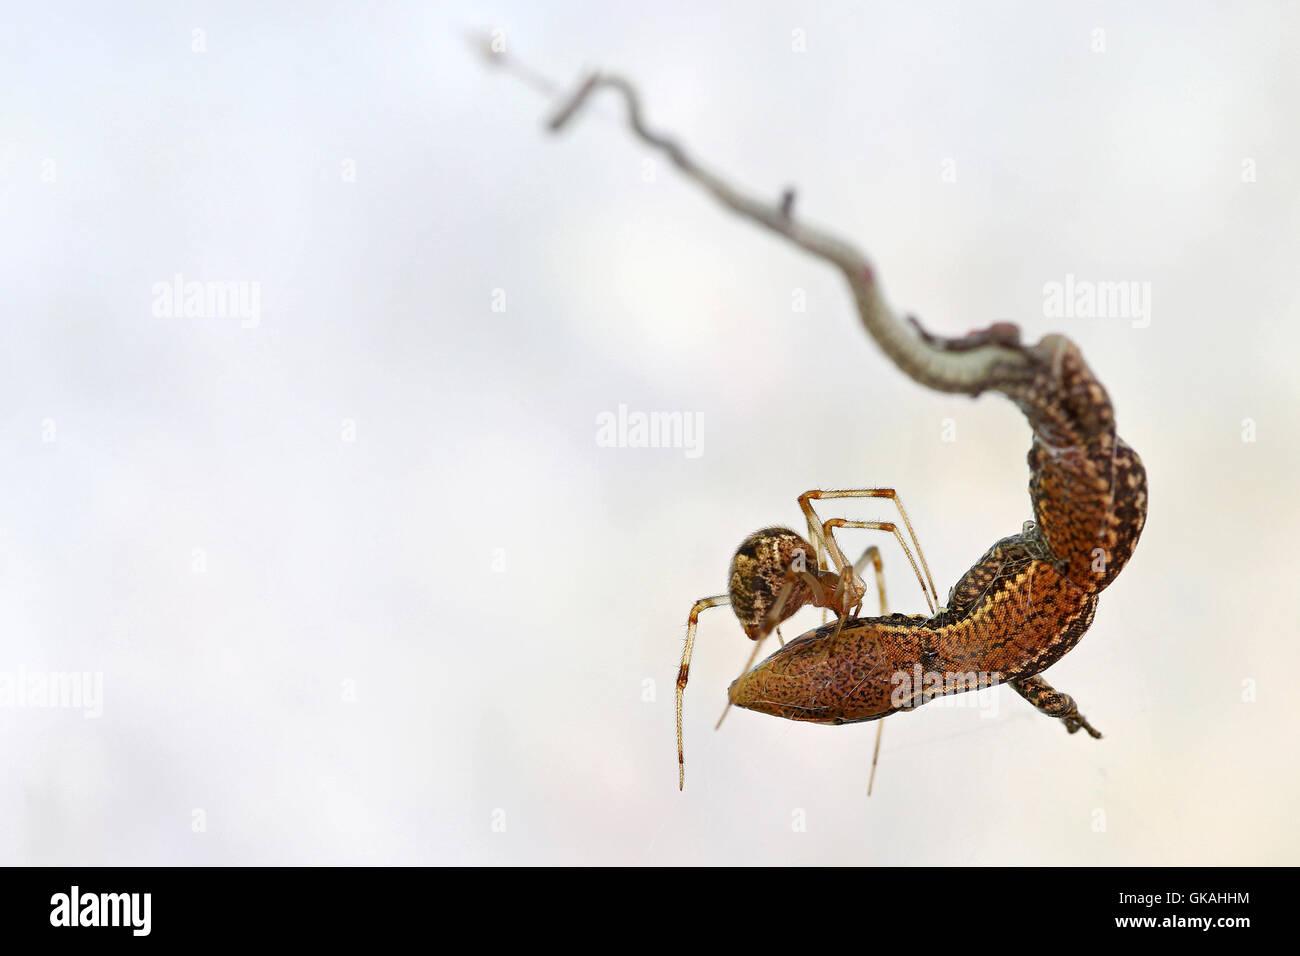 L'araignée sur un petit lézard pris dans son site web sur un fond blanc. Photo Stock